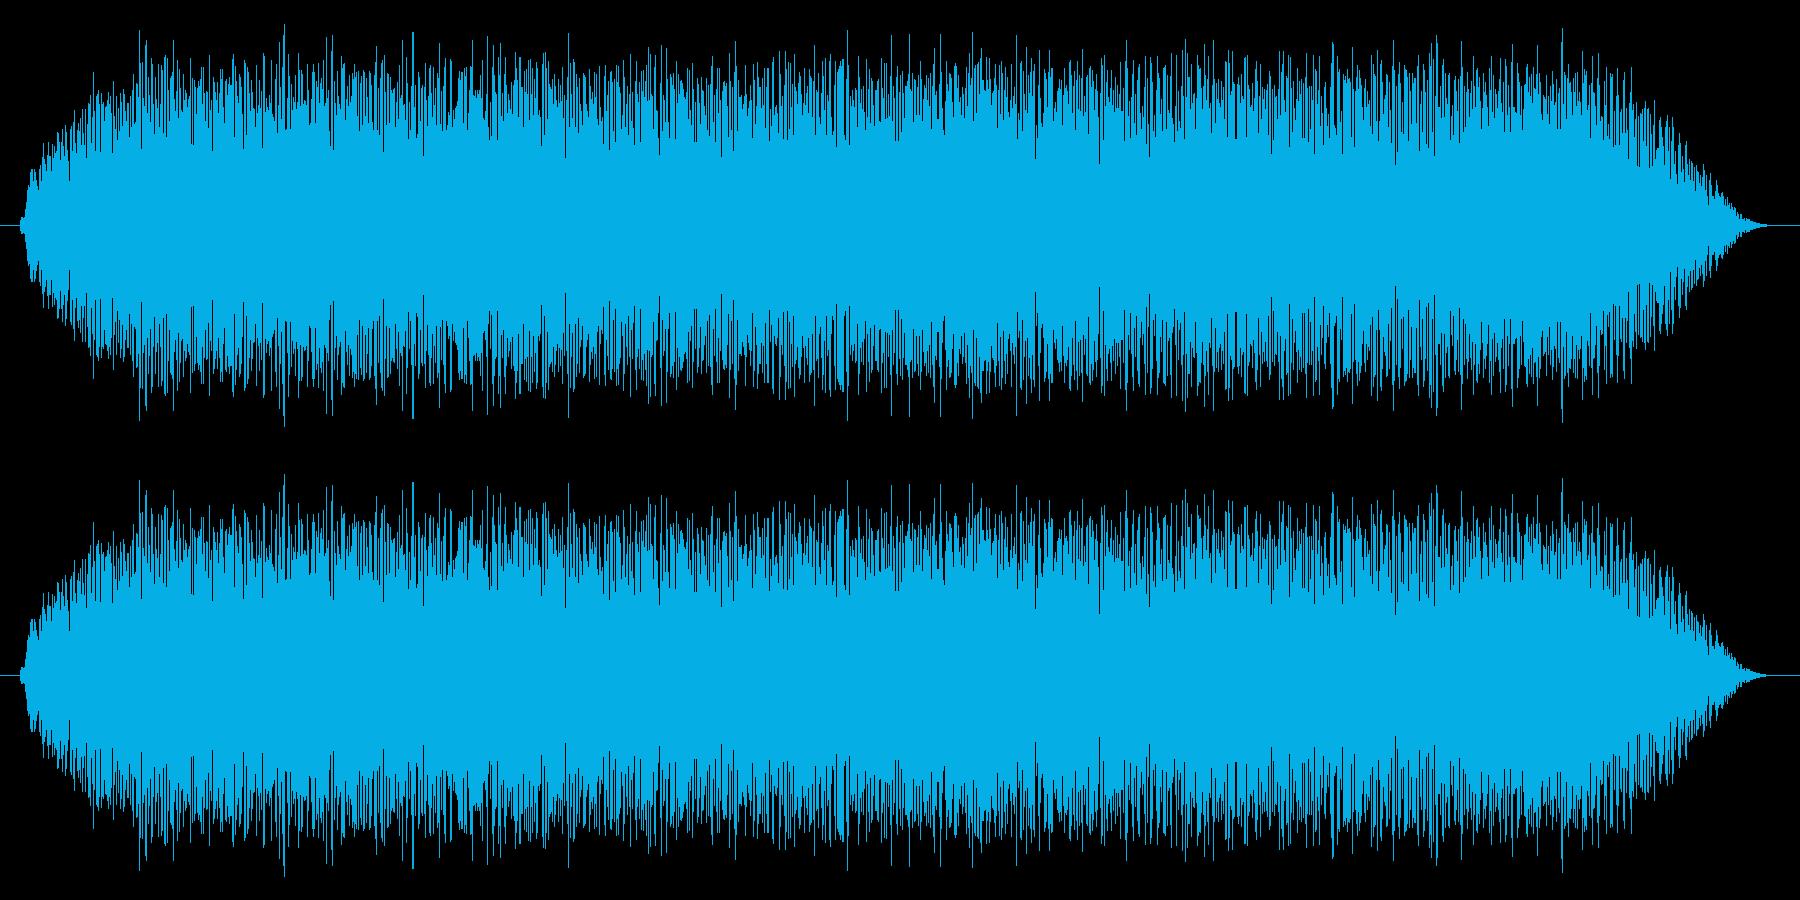 SNES レース02-04(スターティンの再生済みの波形